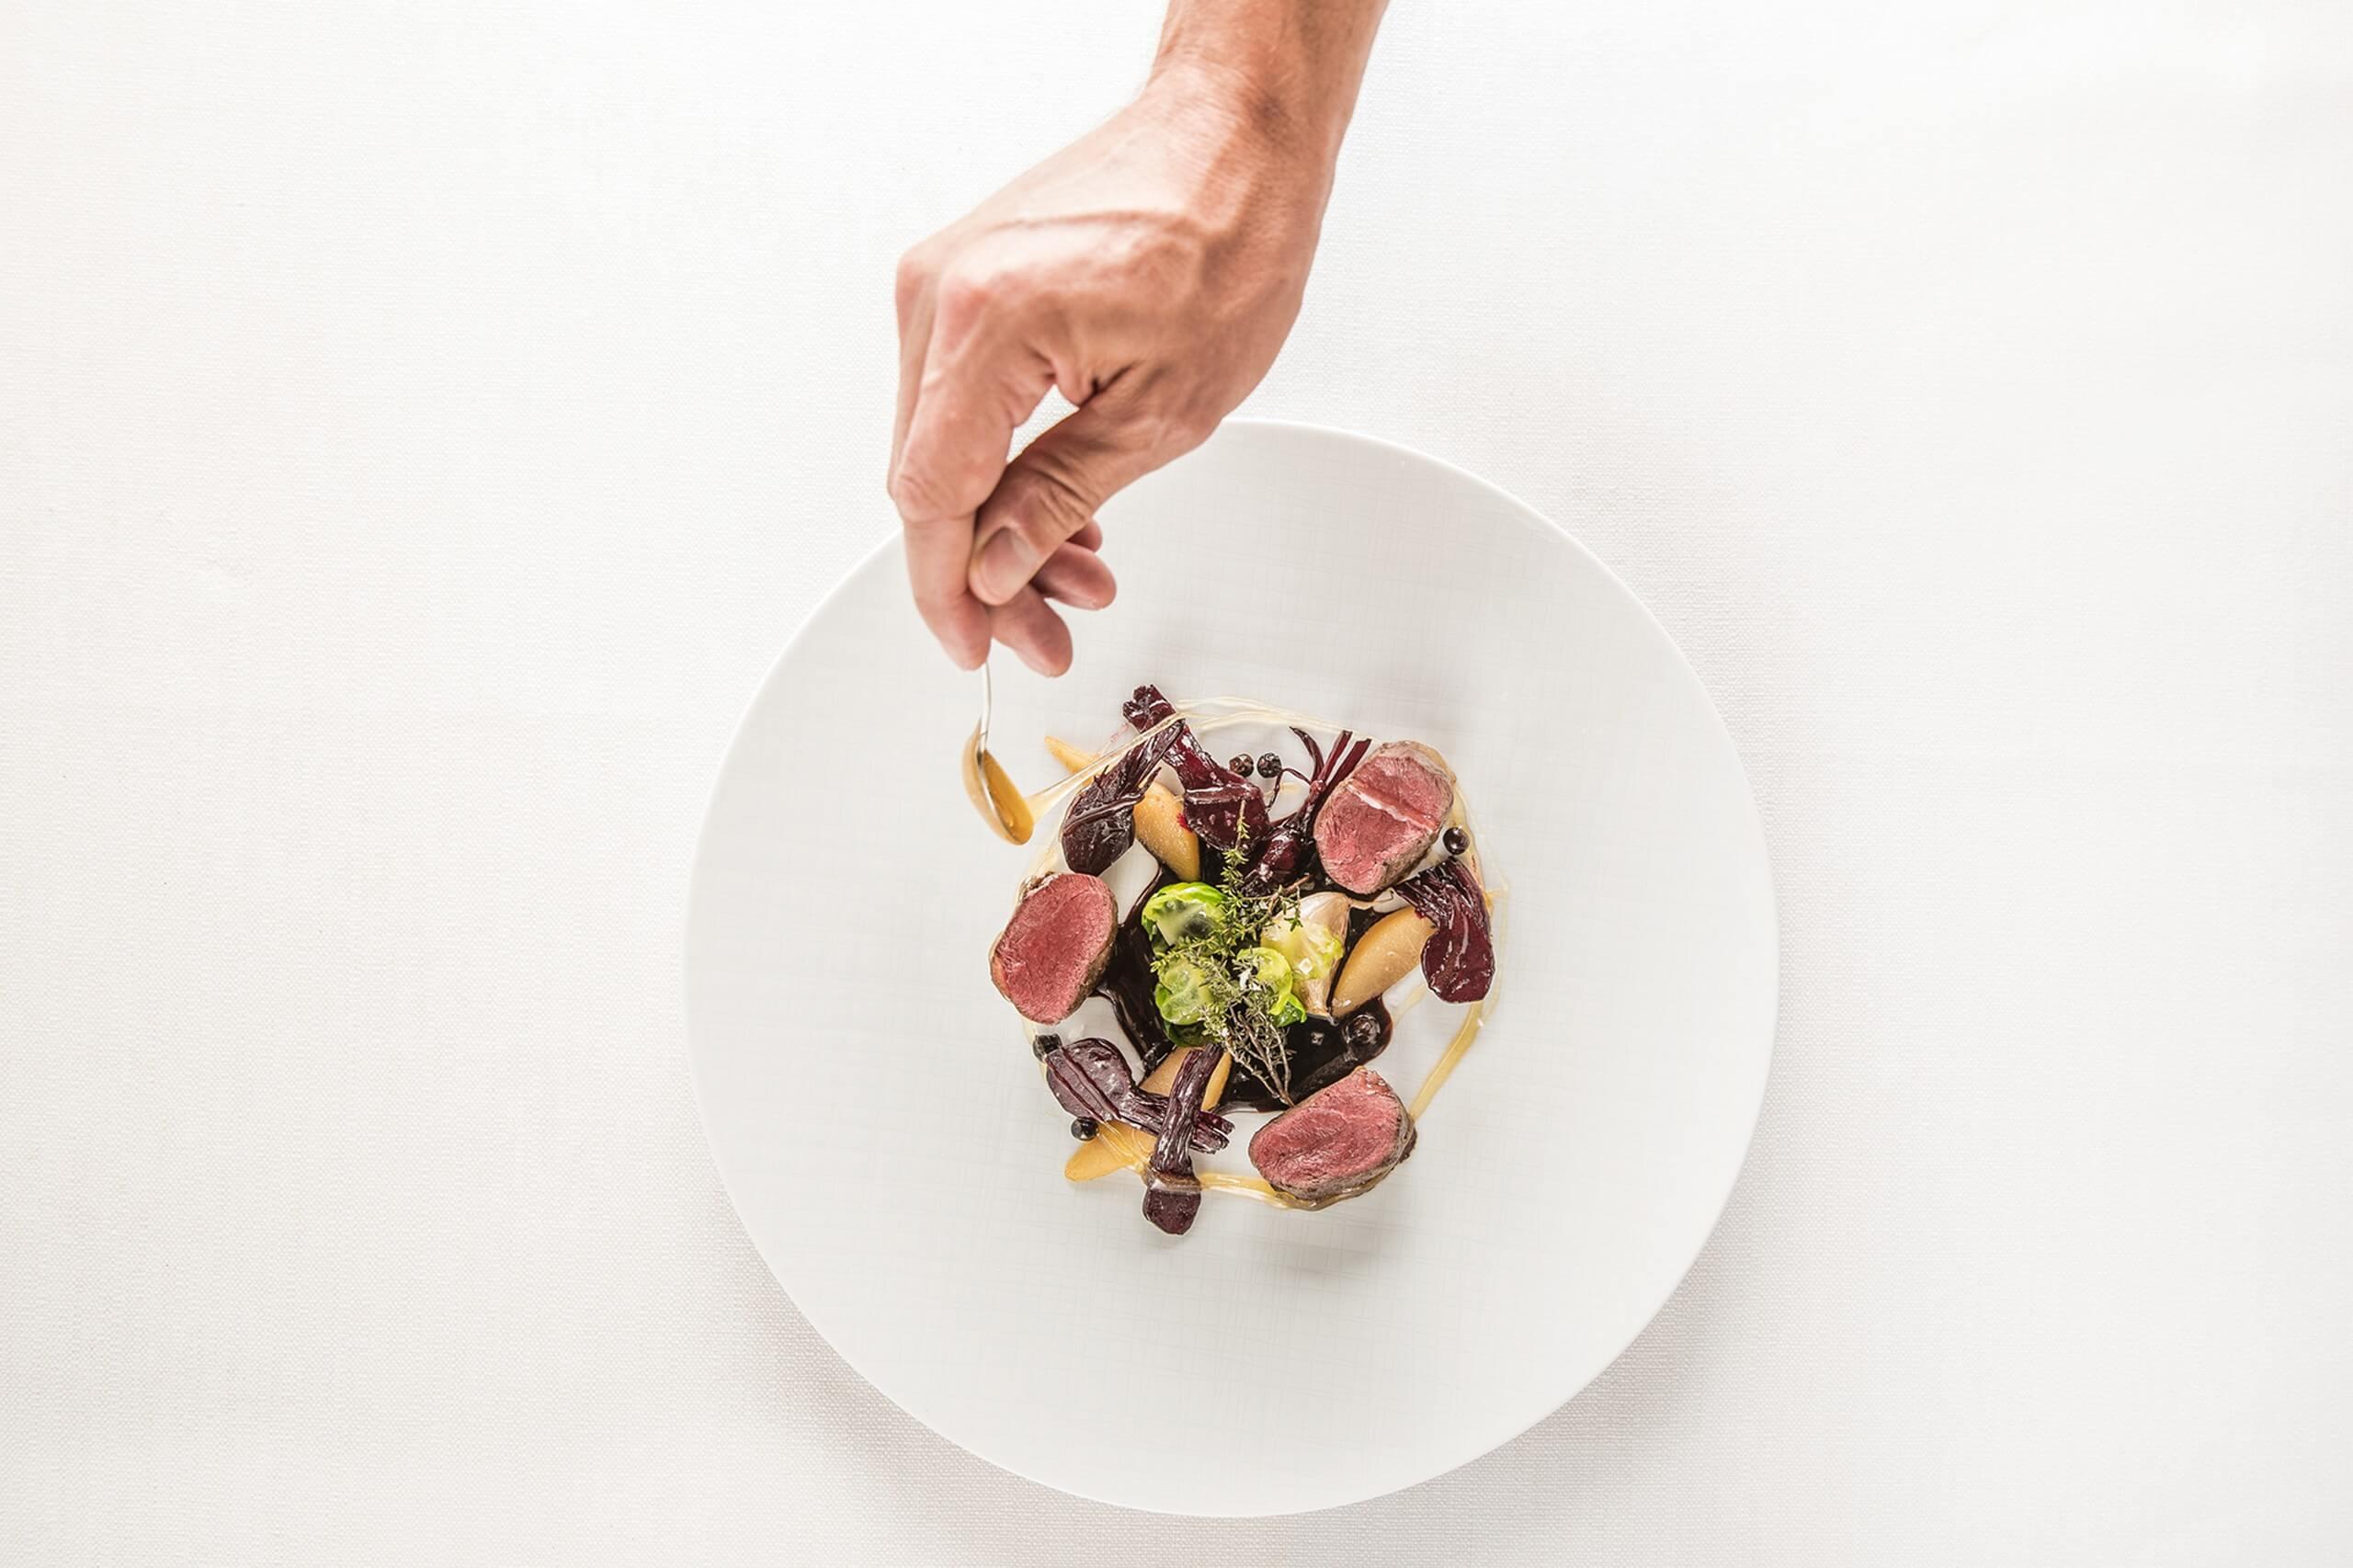 la-terrasse-menu-herbst-rund